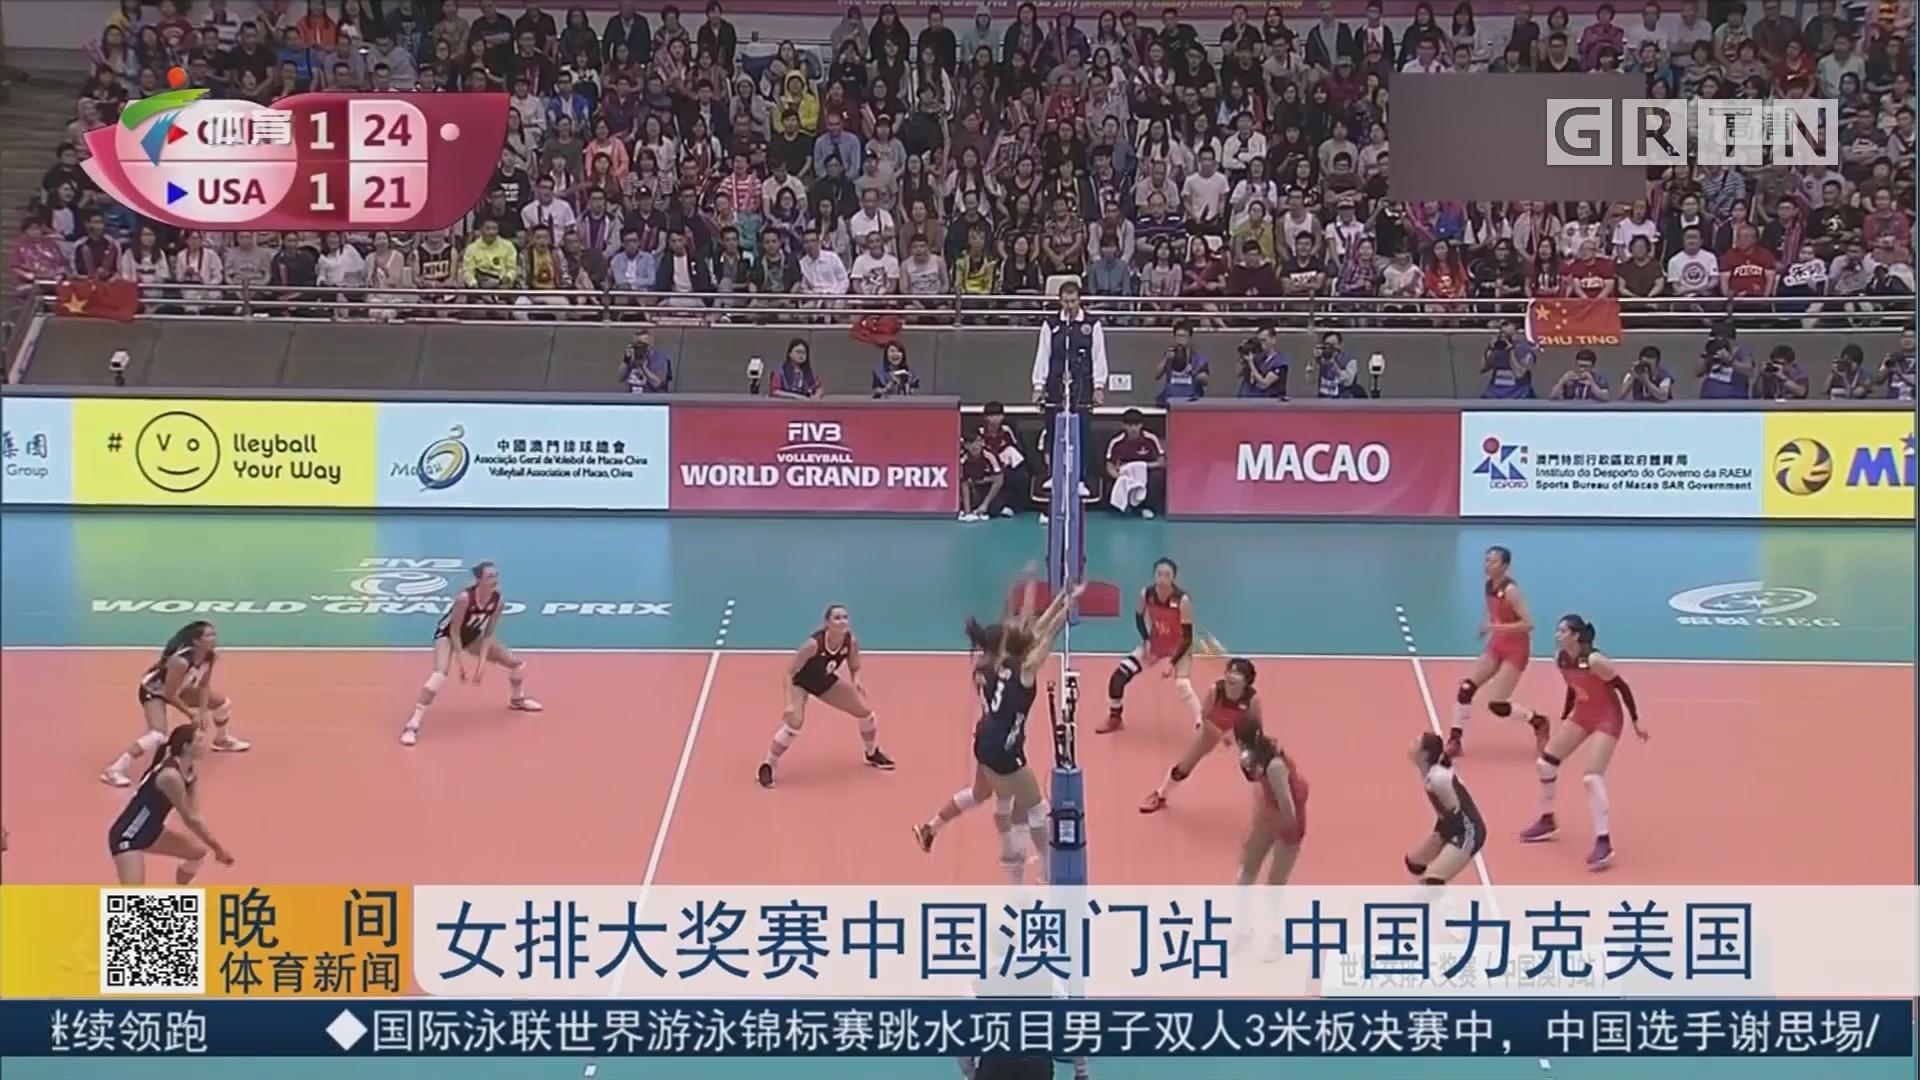 女排大奖赛中国澳门站 中国力克美国